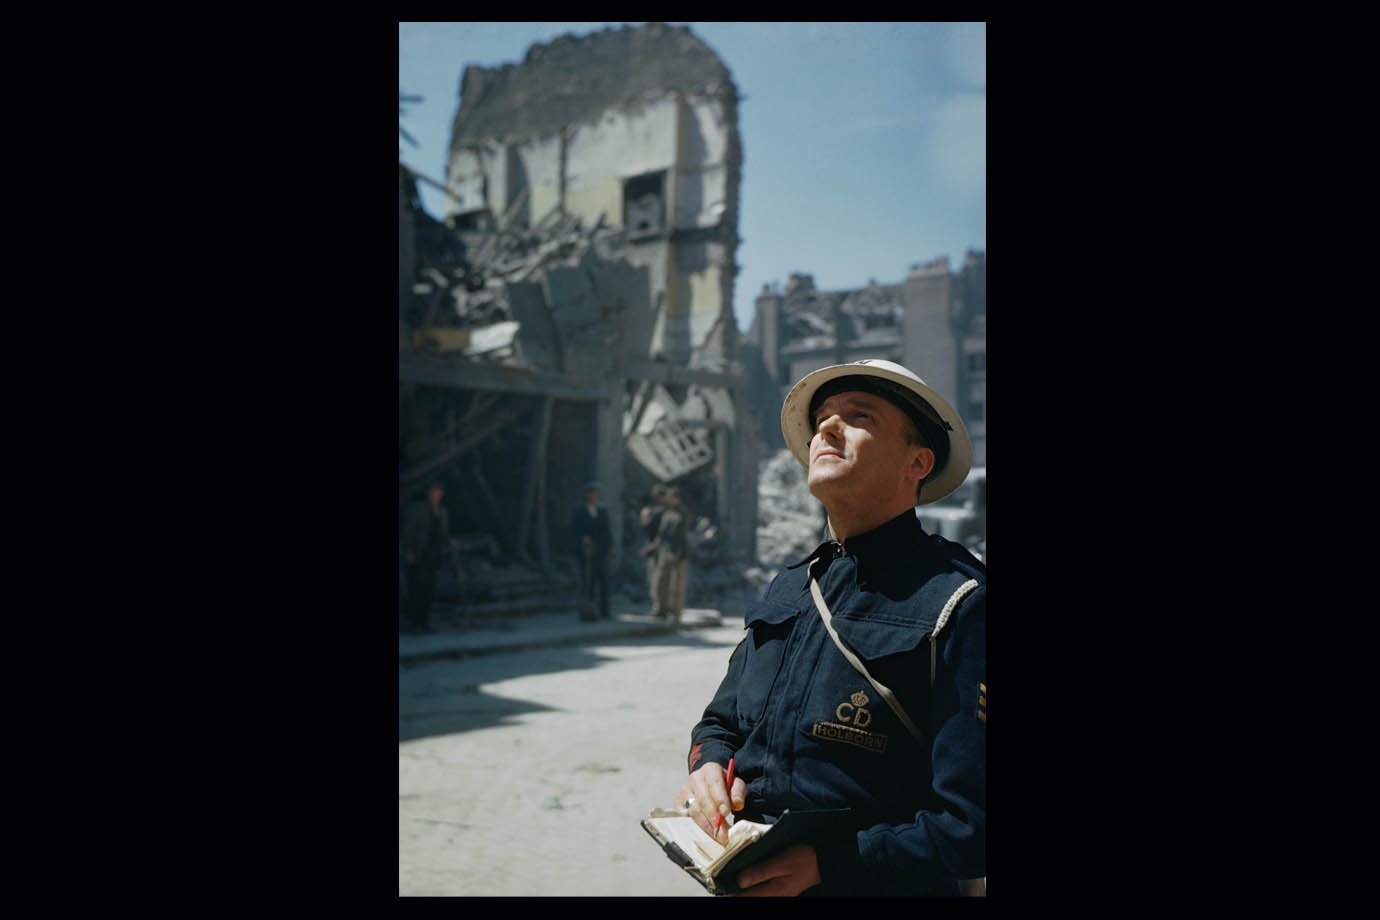 Fotos raras e coloridas da Segunda Guerra Mundial foram reunidas em livro do IWM